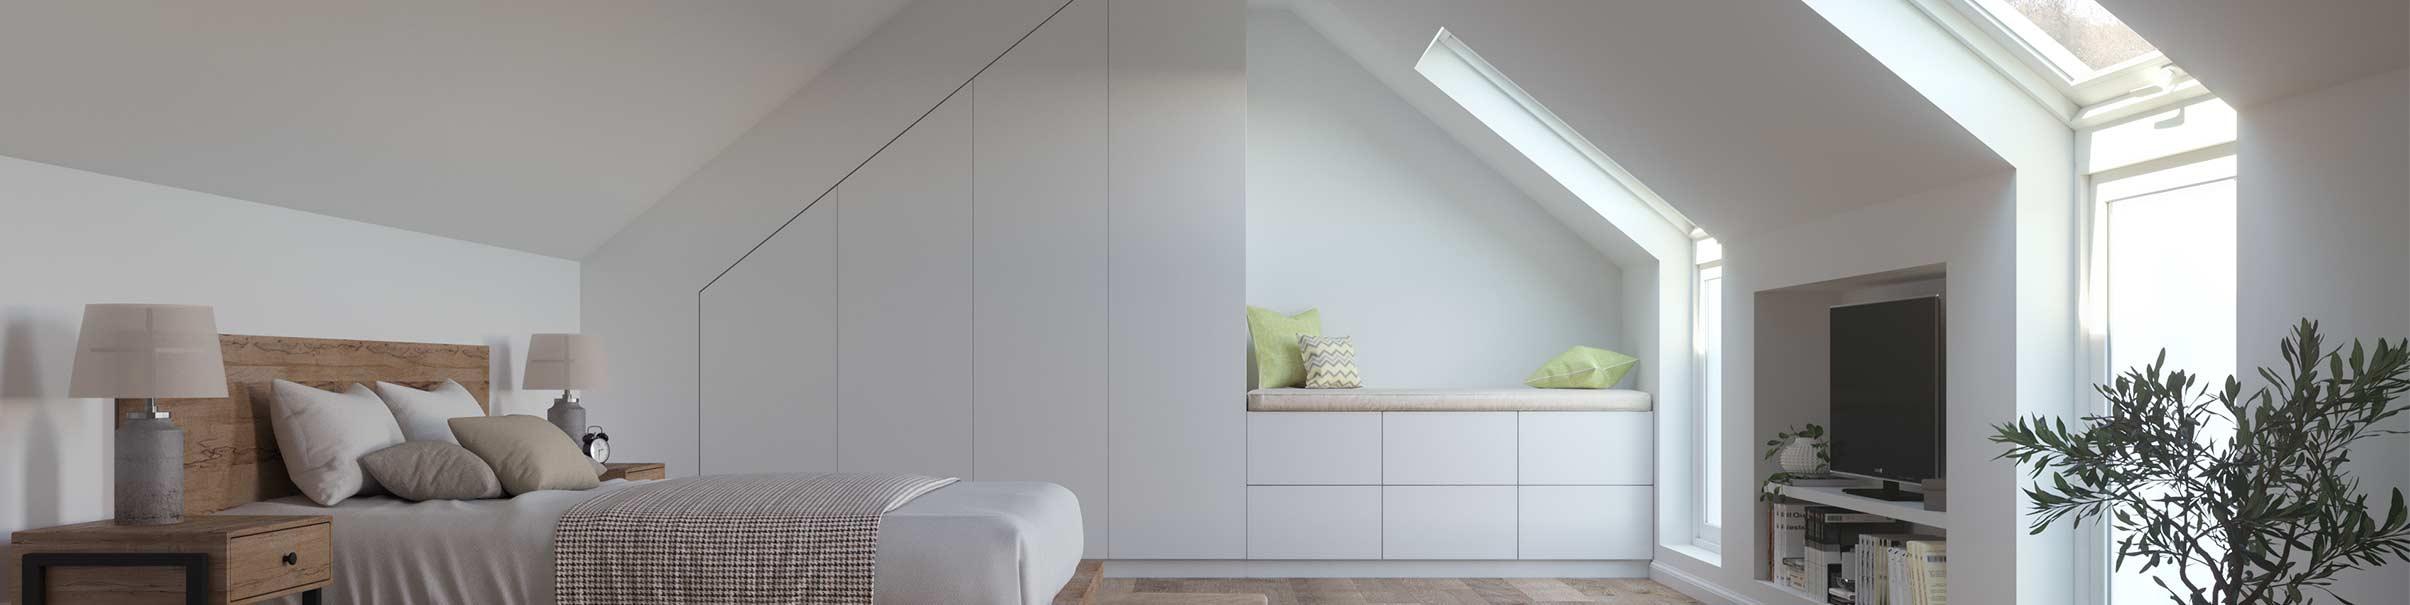 Dachboden mit Dachschrägenschrank bei schrankwerks Wohnwelten